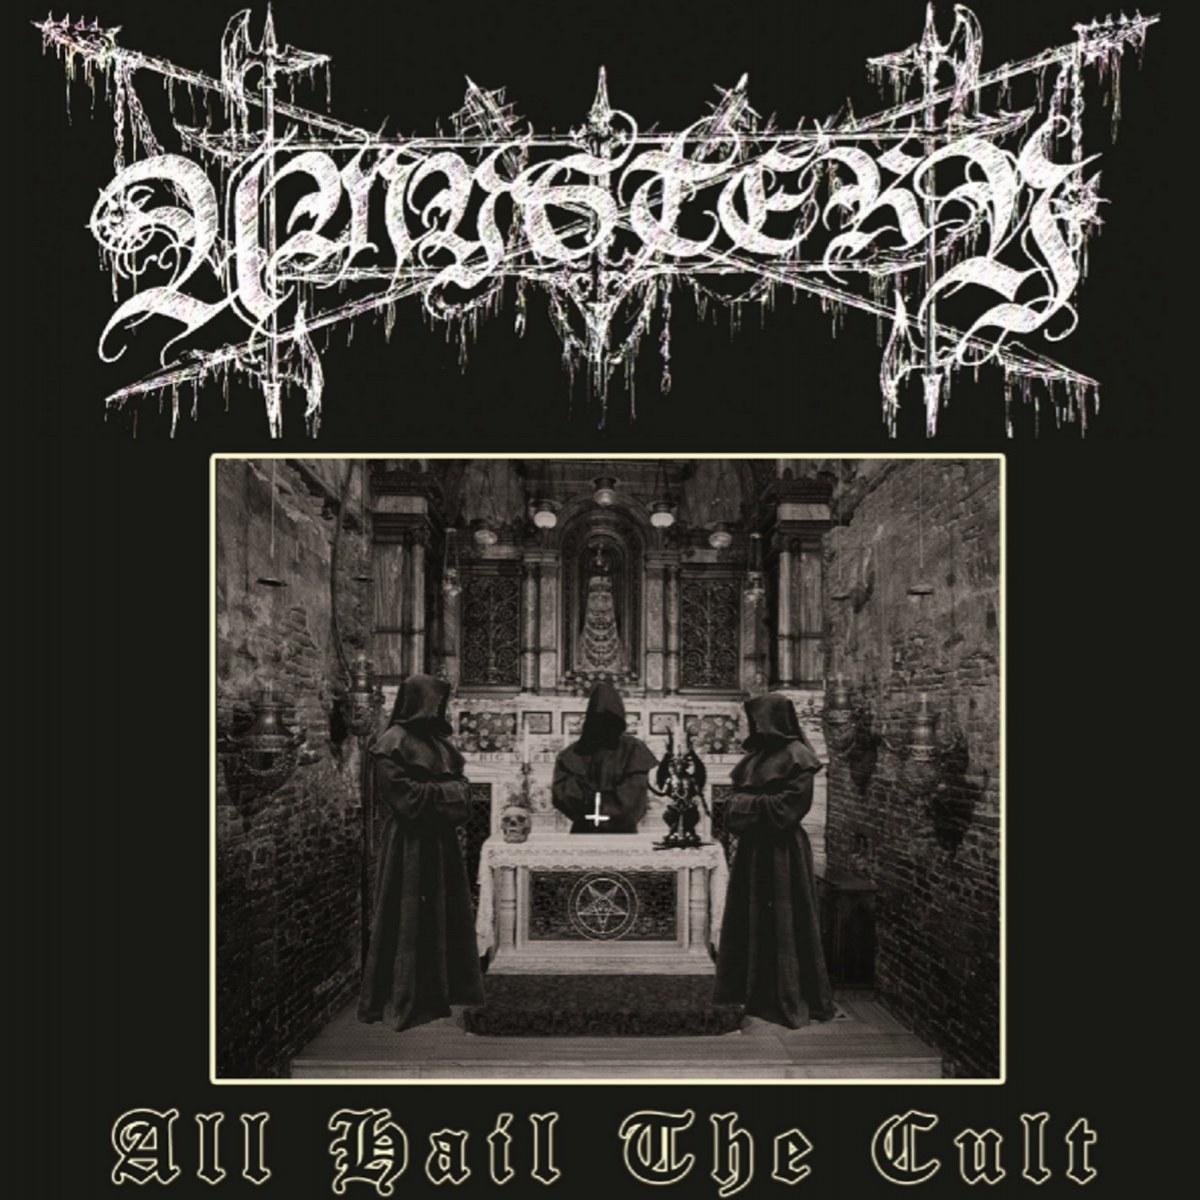 Amystery - All Hail the Cult